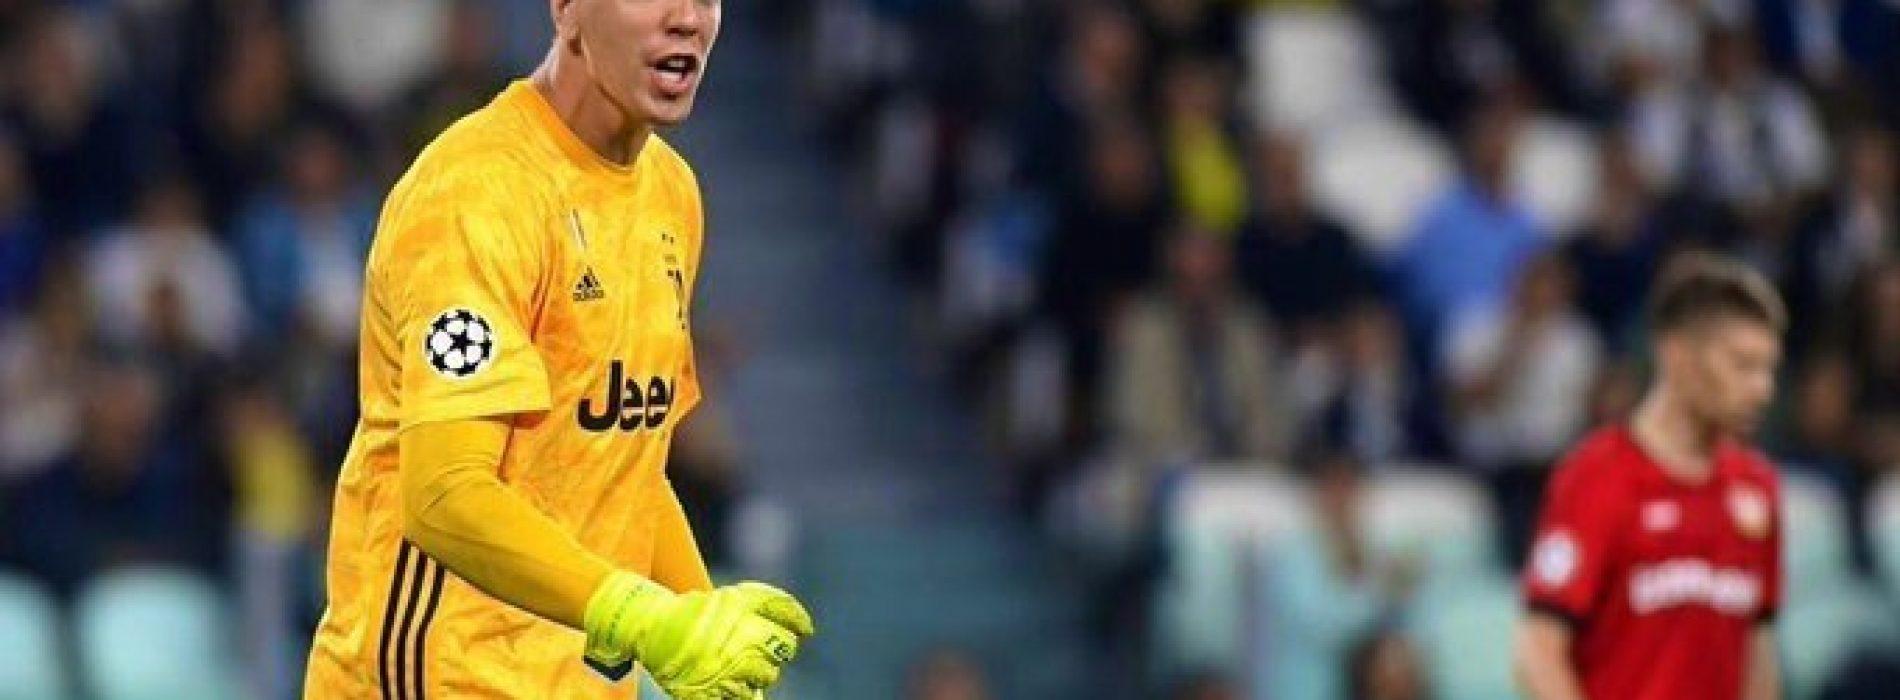 """Juventus, Szczesny: """"I ragazzi stanno bene. Strano senza tifosi, a casa per rivederci presto"""""""